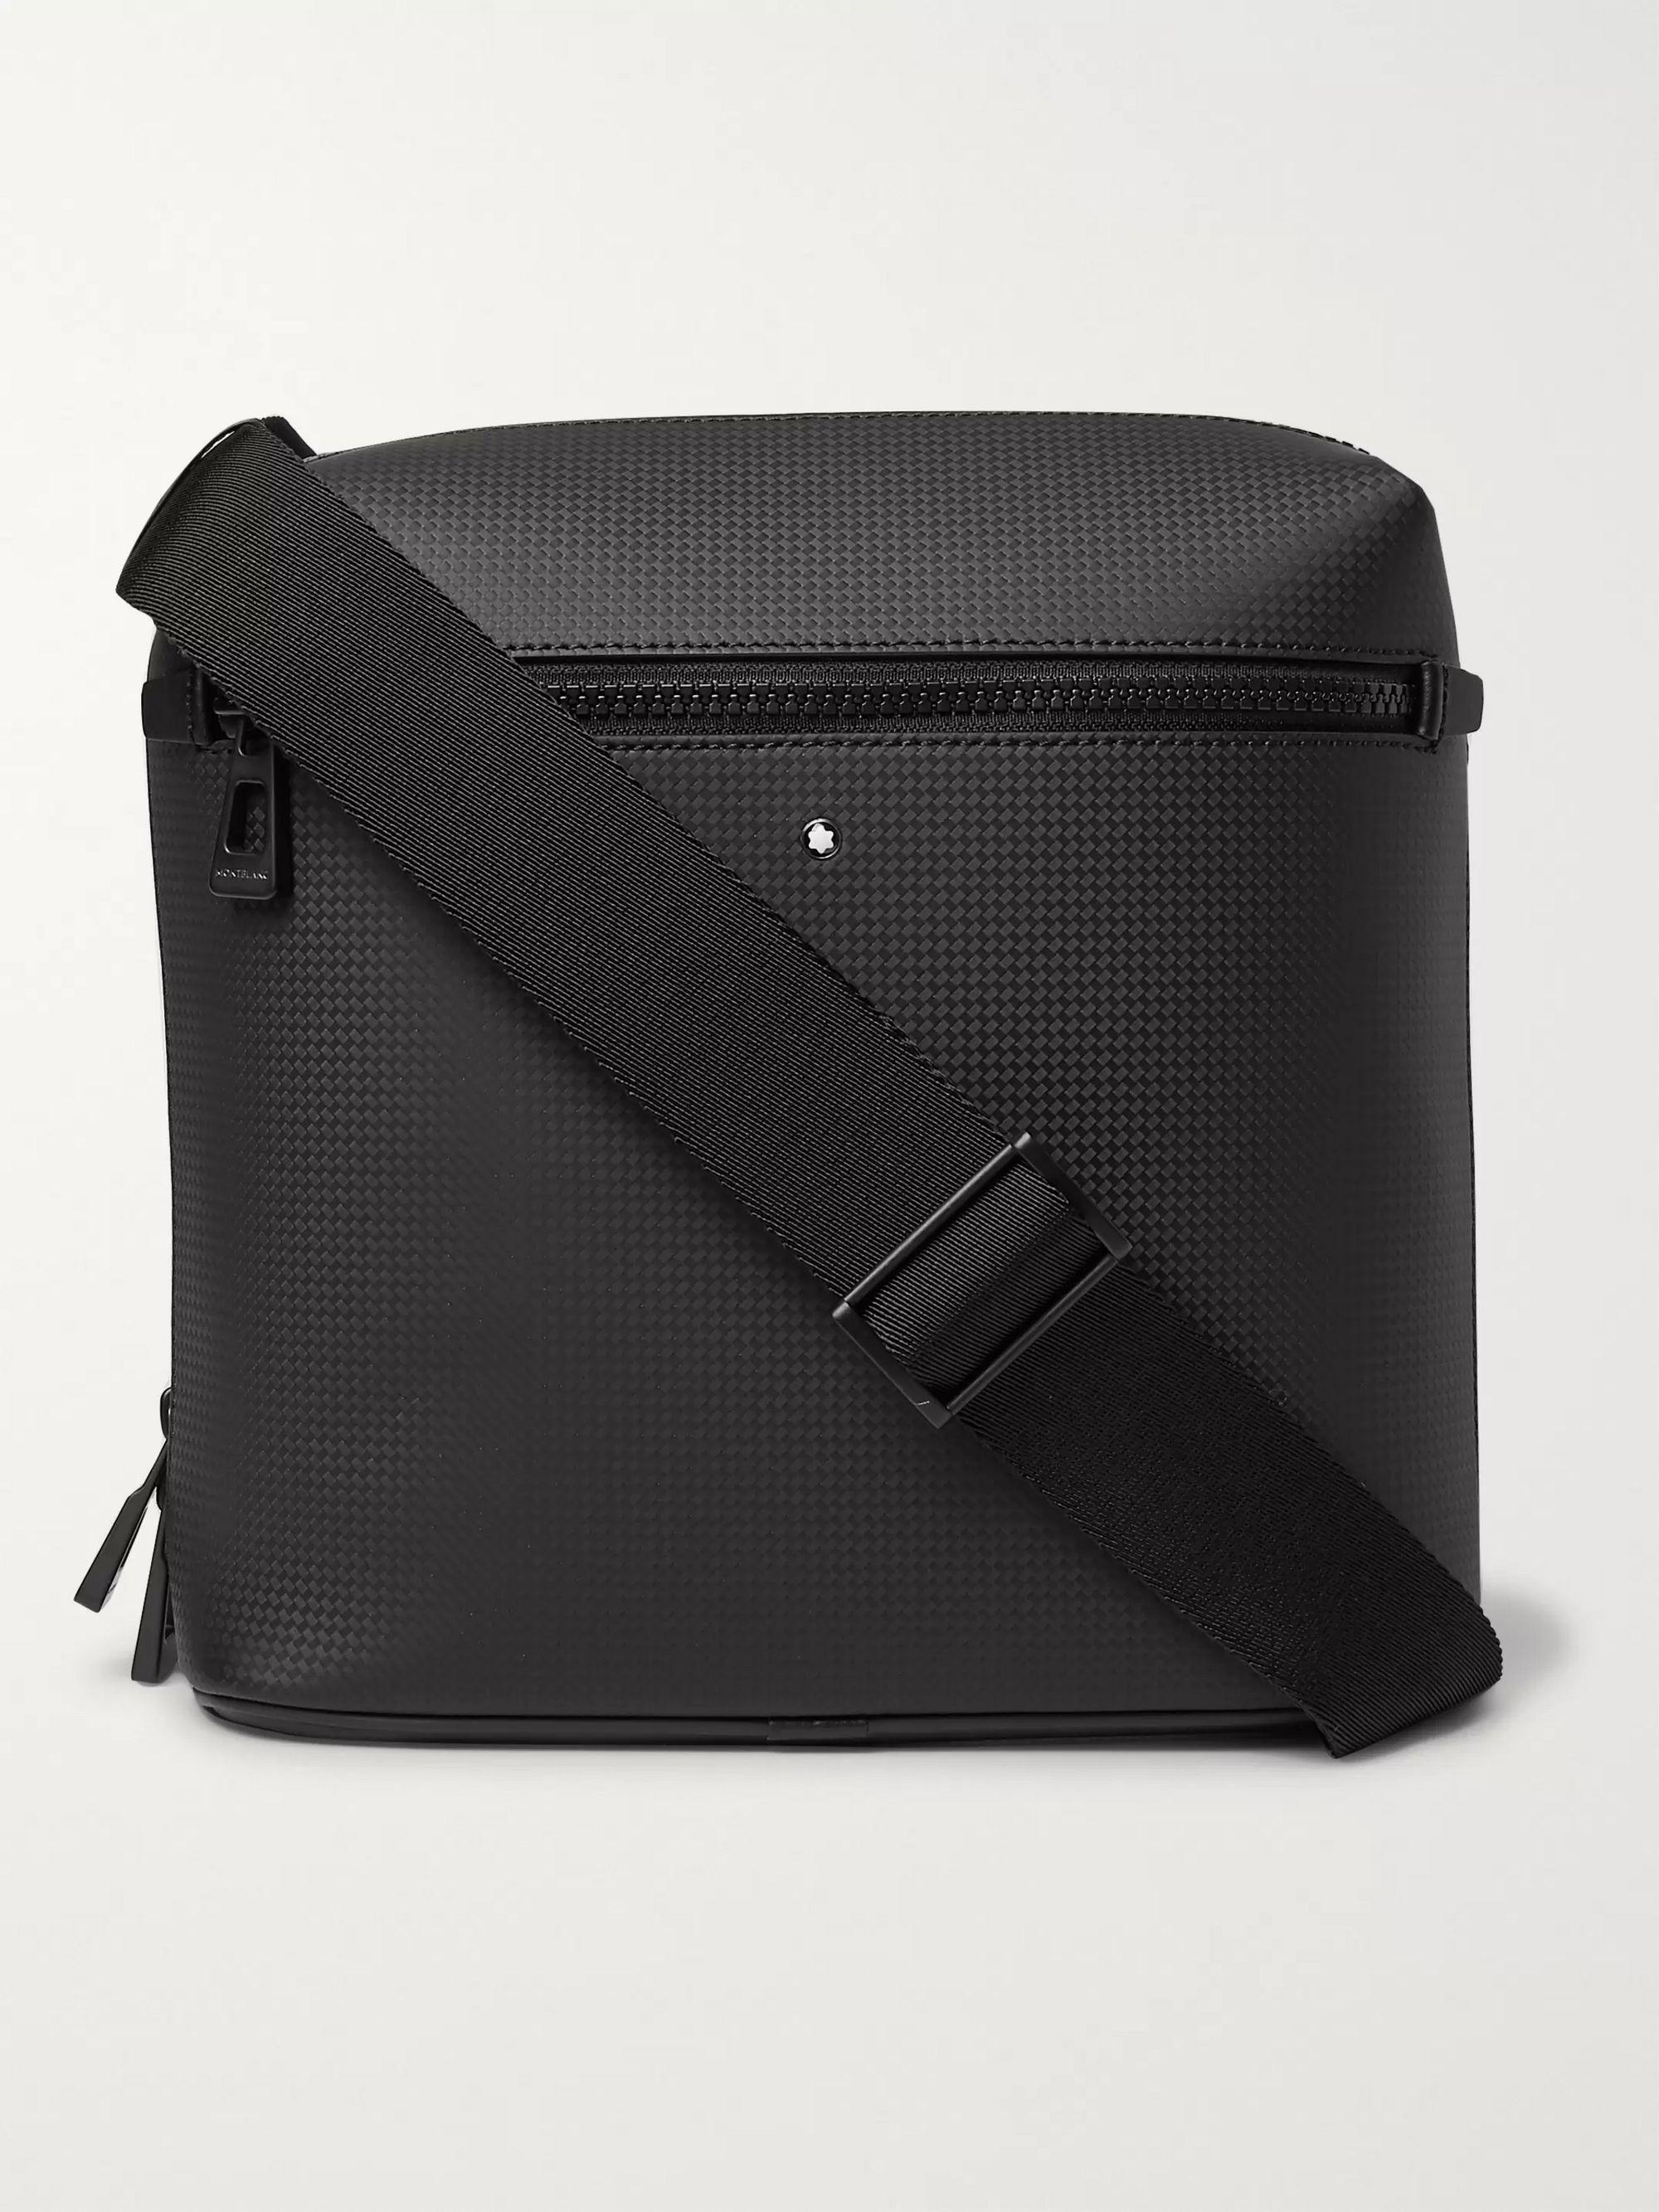 몽블랑 Montblanc Extreme 2.0 Envelope Textured-Leather Messenger Bag,Black